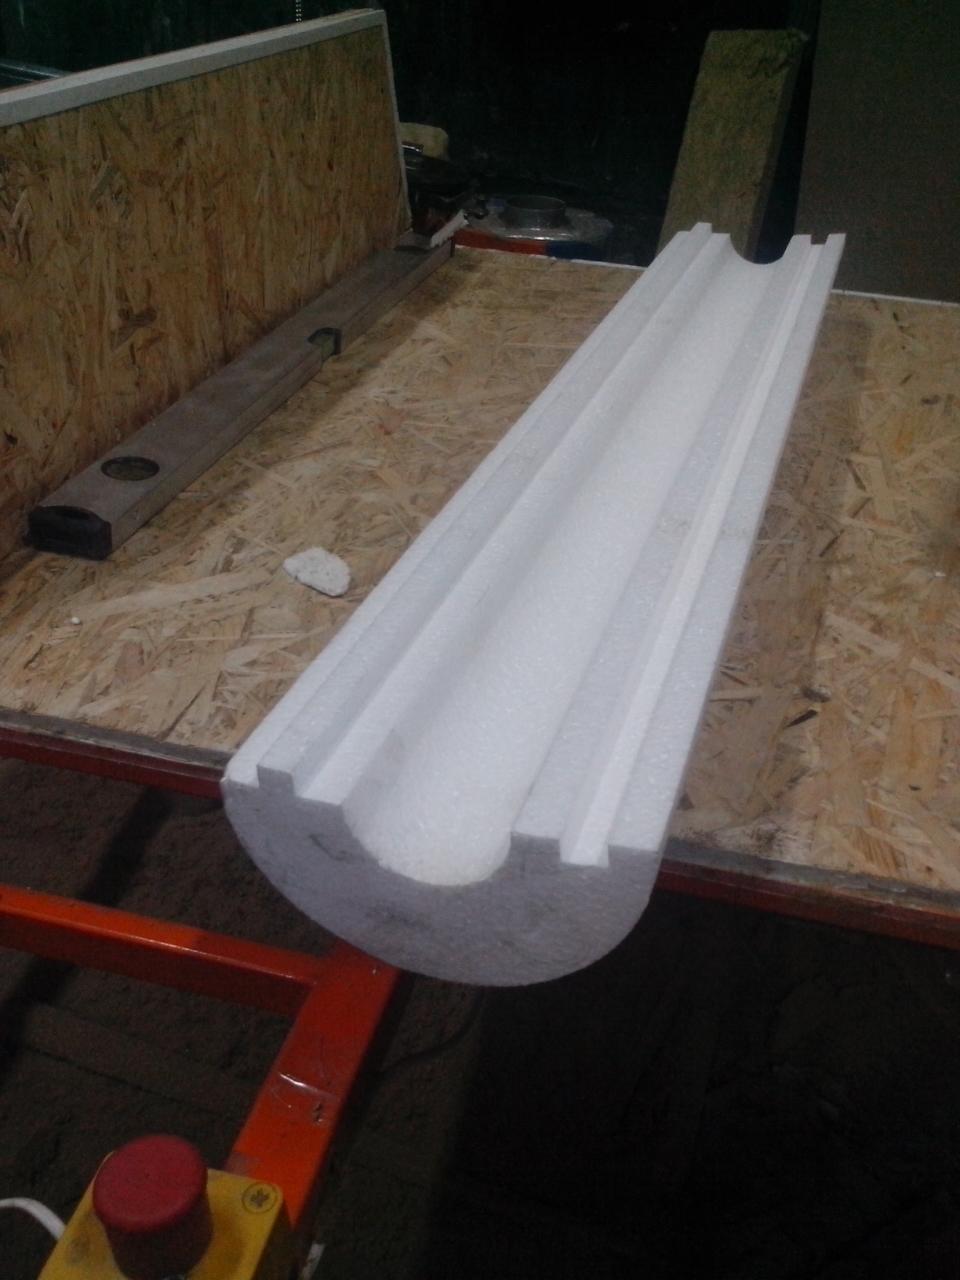 Утеплитель из пенопласта (пенополистирола) для труб Ø 63 мм толщиной 90 мм